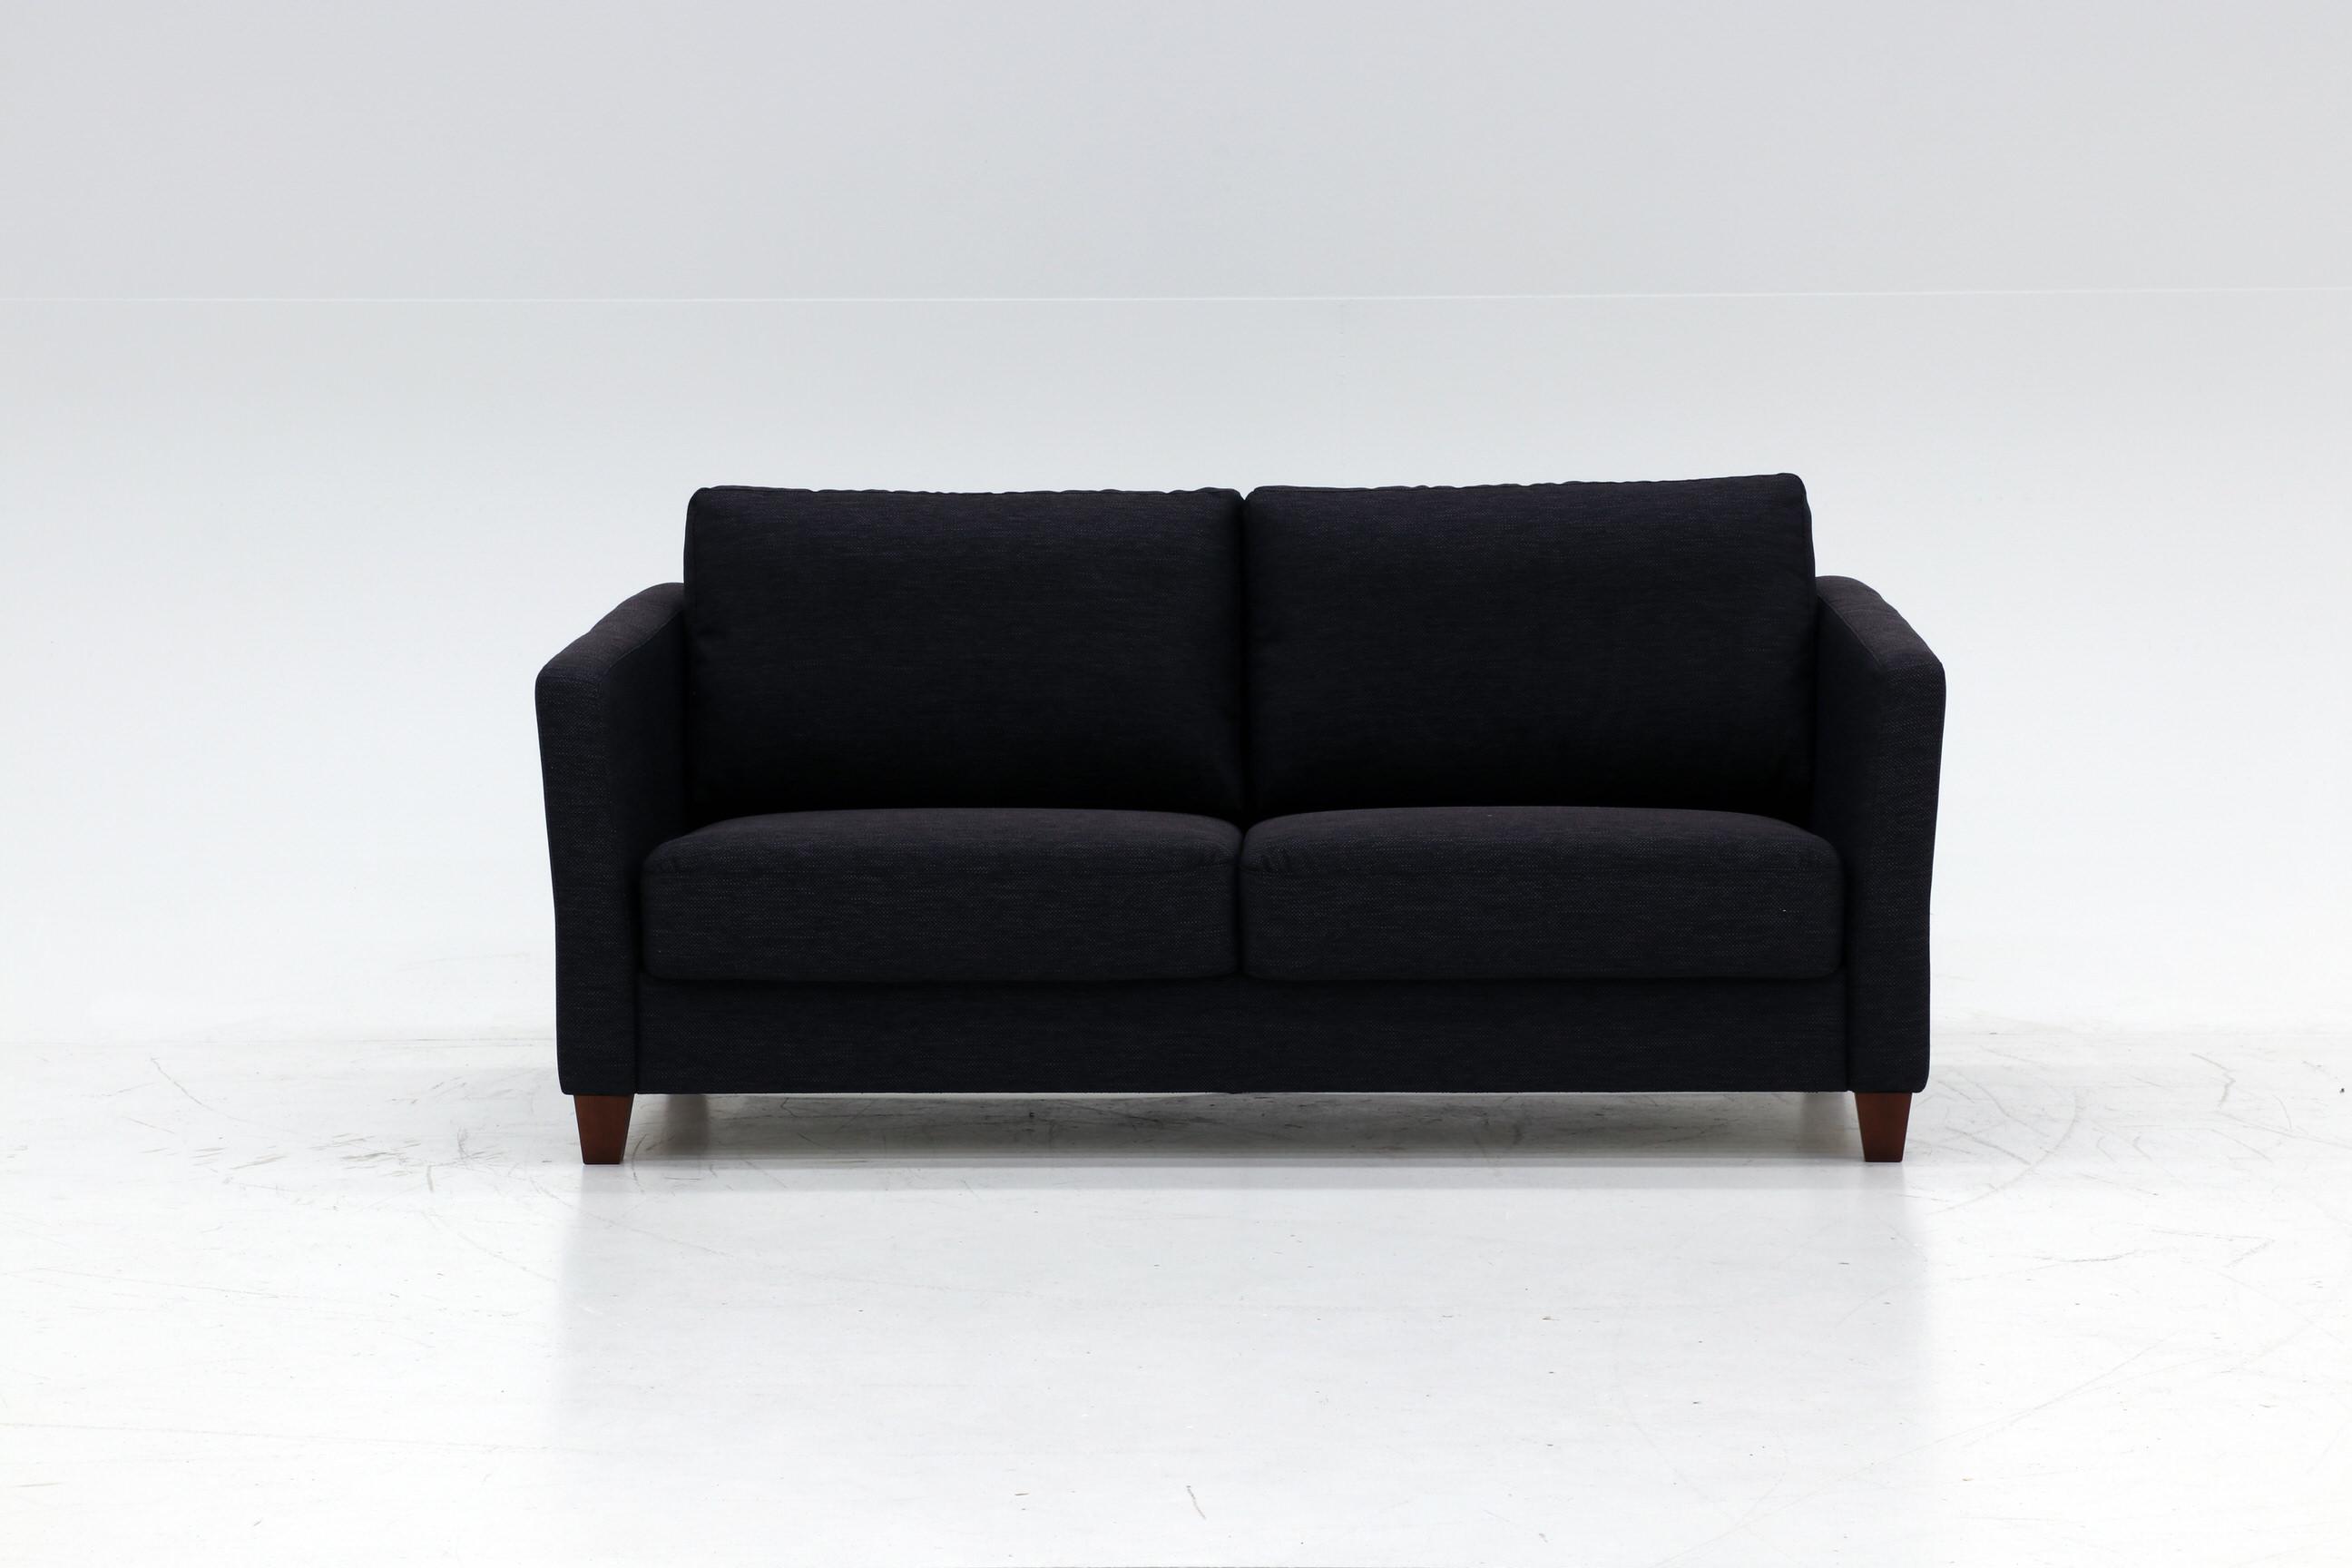 Monika Loveseat Sleeper (Full Size) by Luonto Furniture